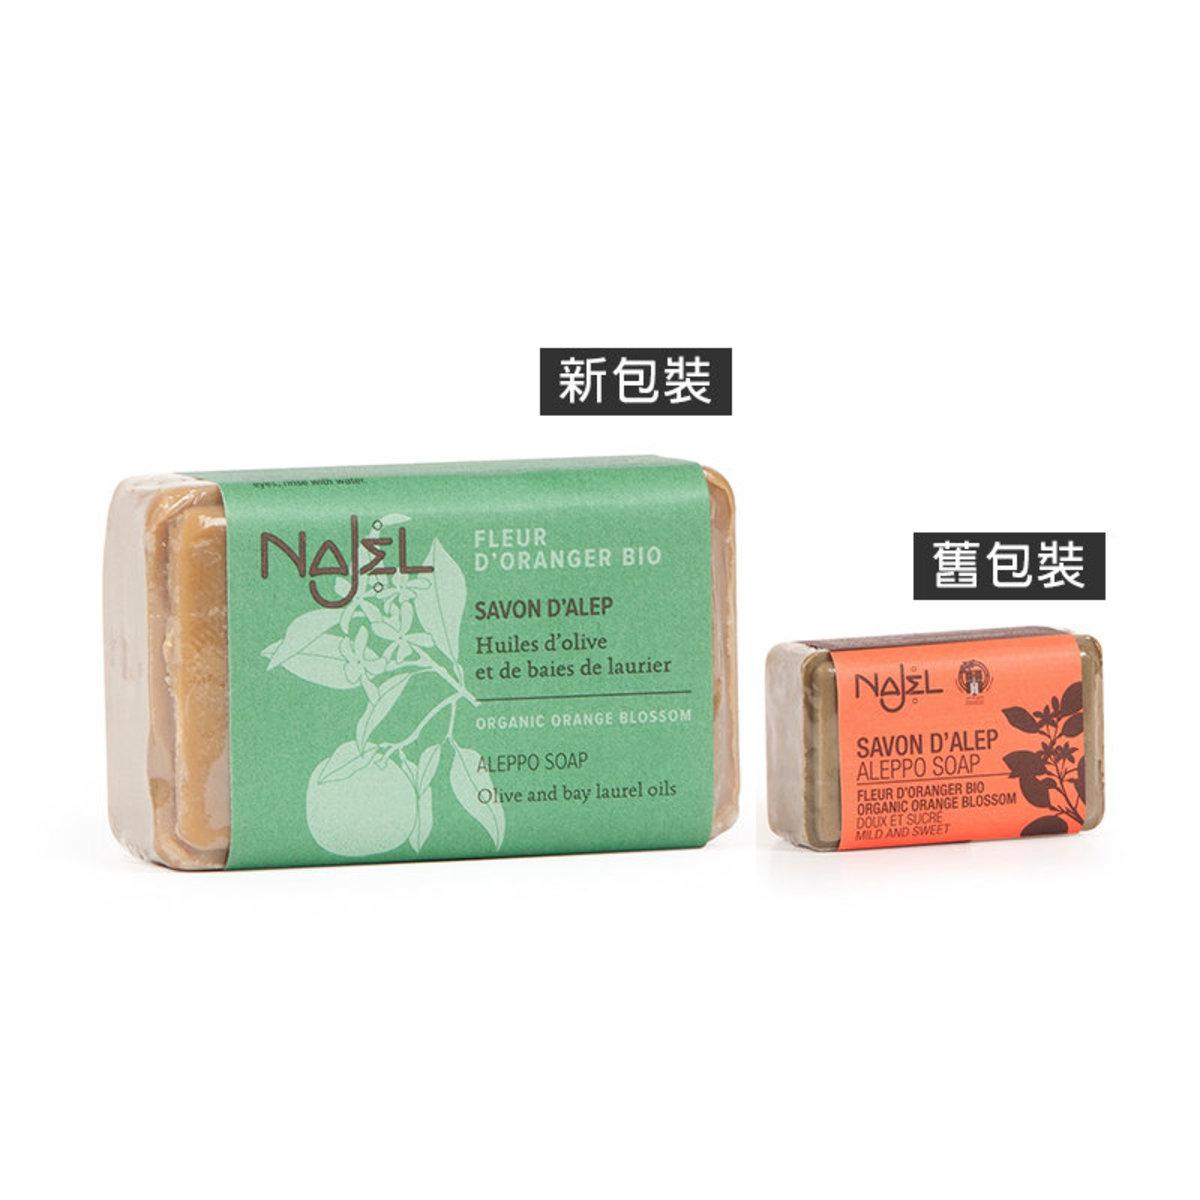 有機橙花 阿勒頗天然手工古皂 香港行貨 法國品牌